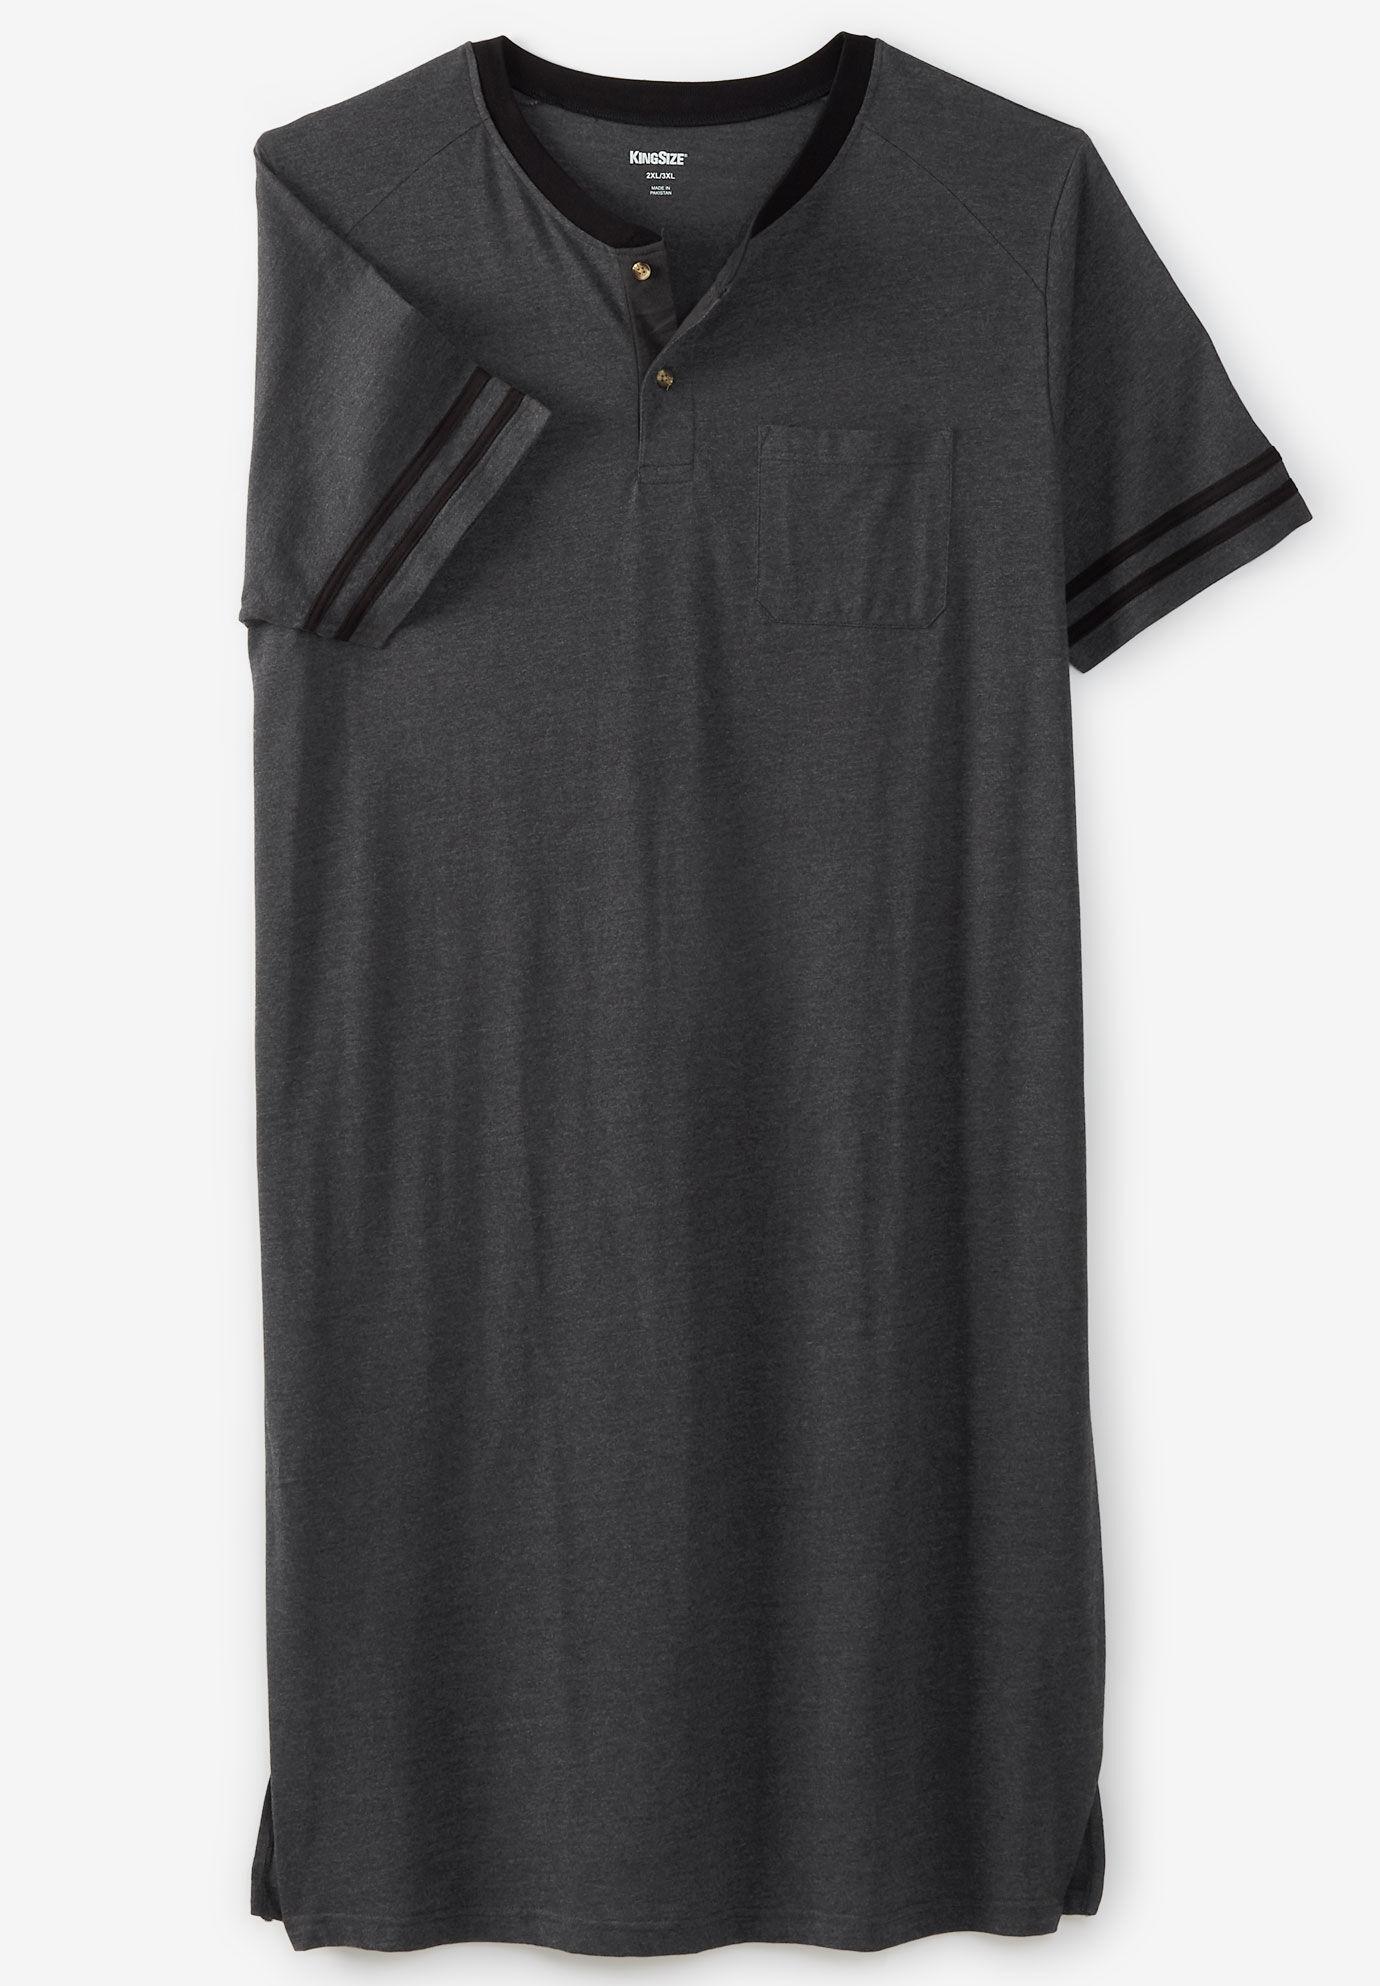 Men/'s Cotton Top Long Nightshirt Sleep Shirt Comfy Short Sleeve Henley Sleepwear